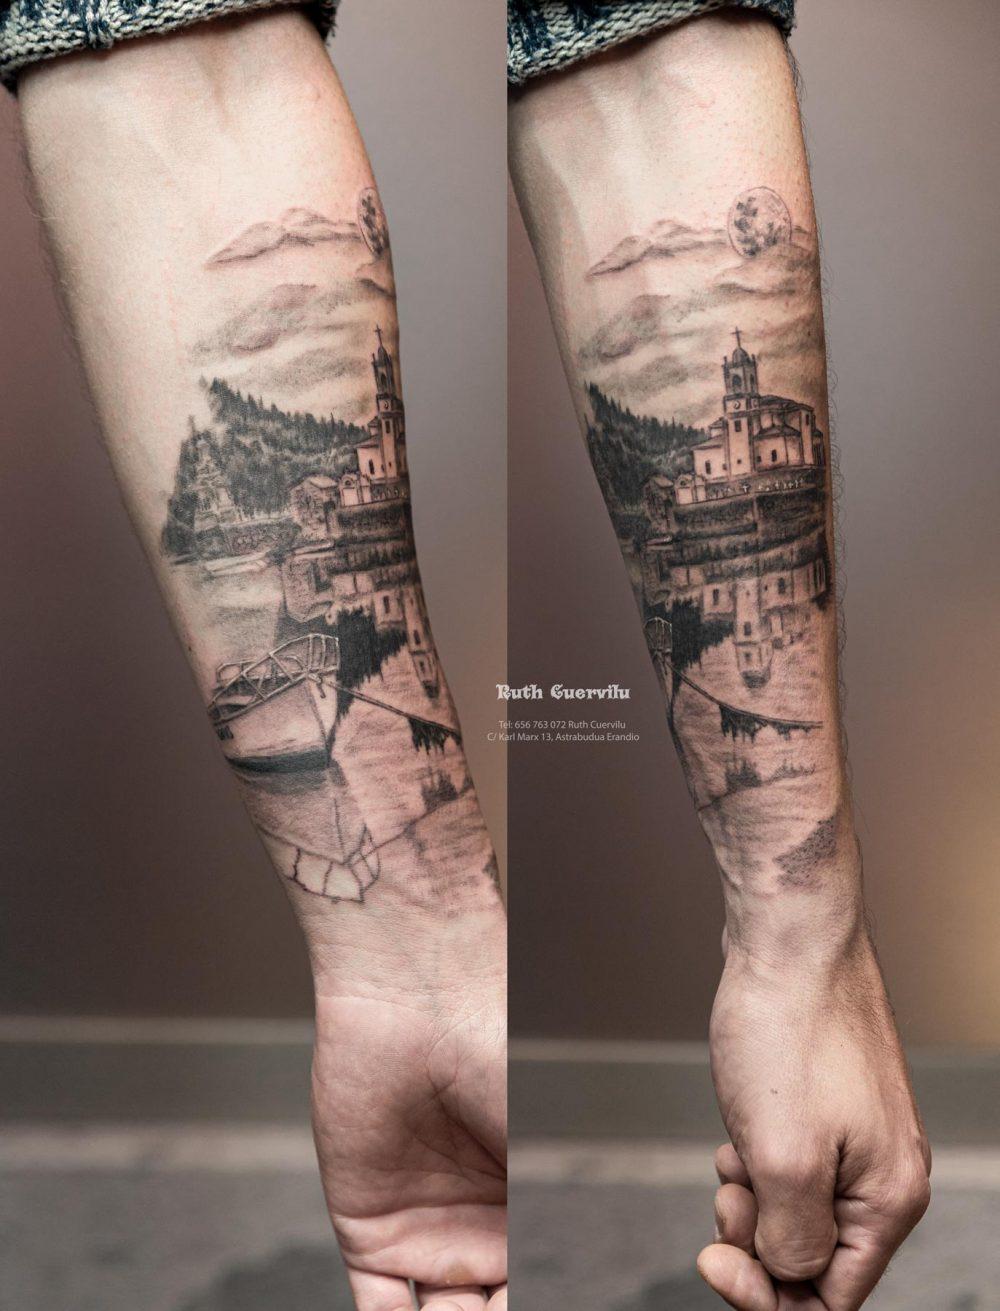 Tatuaje Iglesia y barca Barru Niembru - Ruth Cuervilu Tattoo - KM13 Studio - Estudio de tatuajes Astrabudua Erandio Bizkaia Bilbao Barakaldo Getxo Leioa Gasteiz Cantabria Asturias